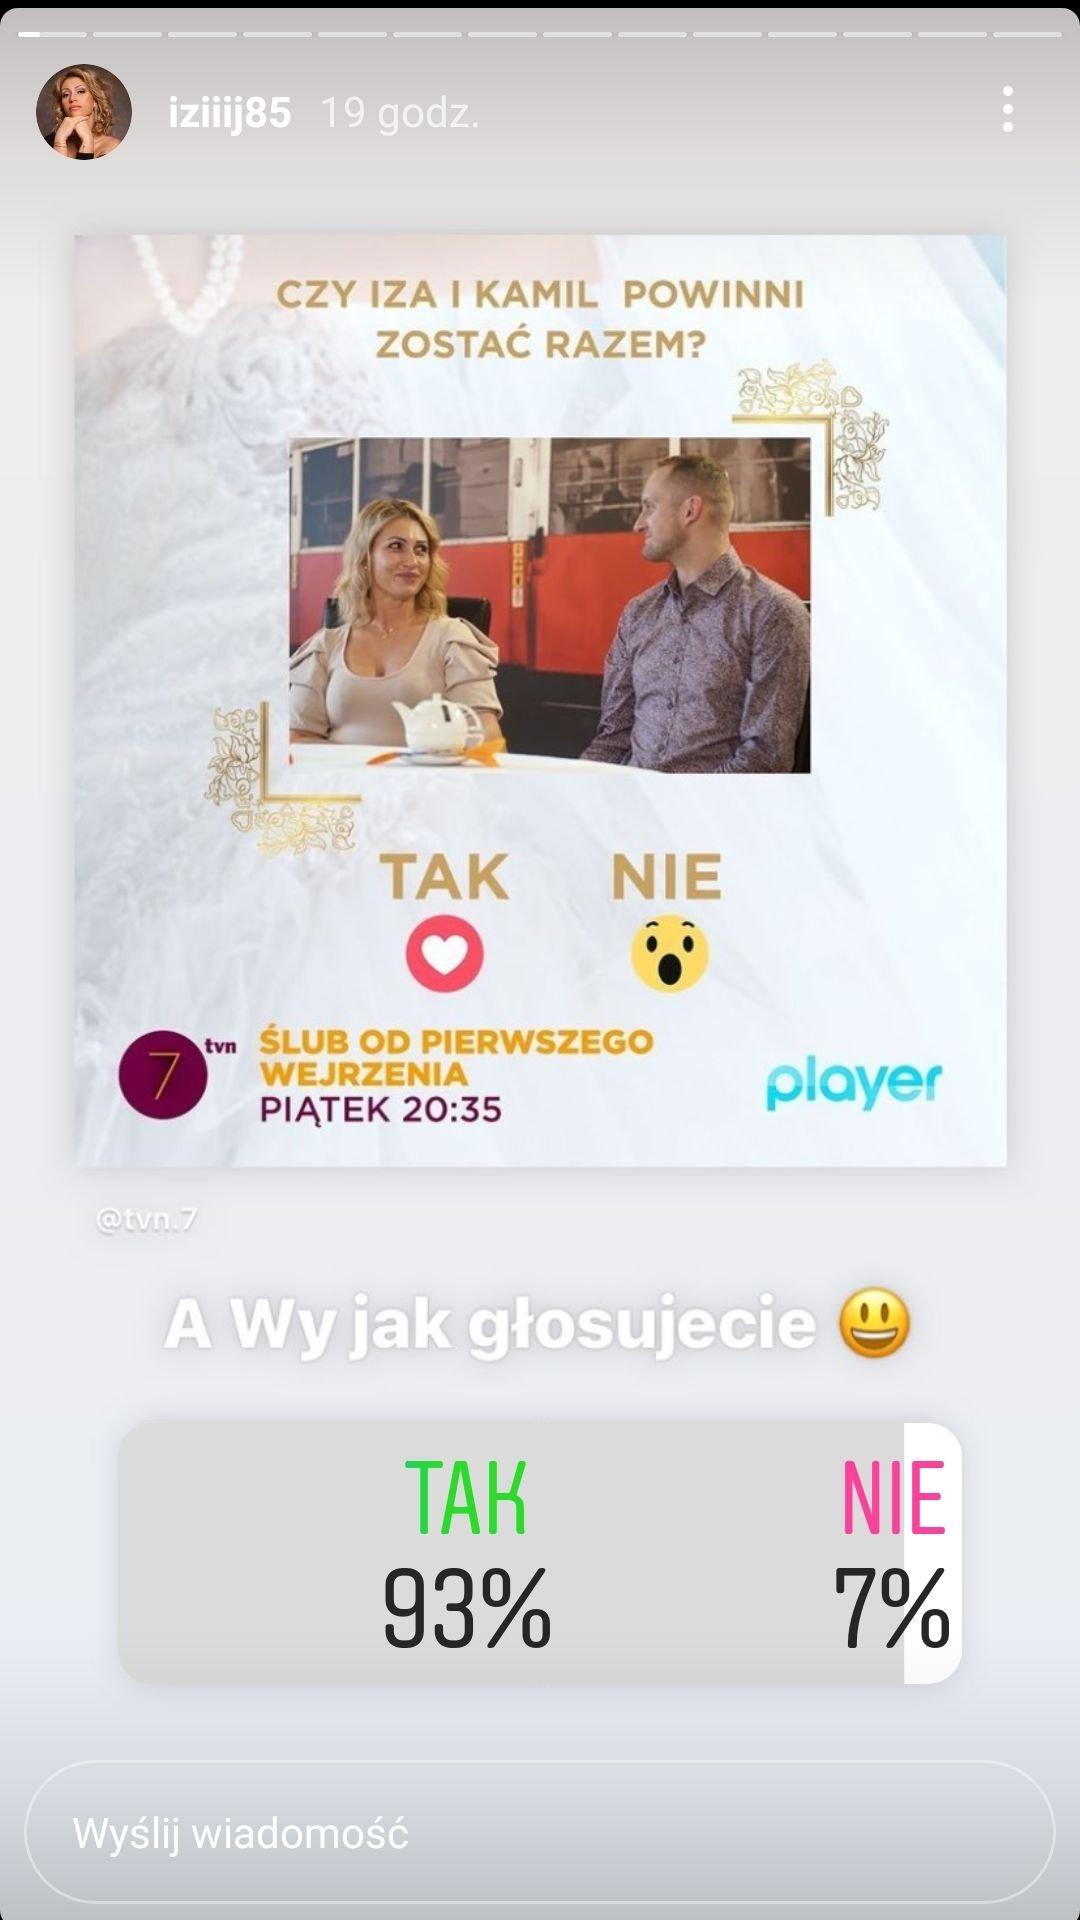 Iza Juszczak, Ślub od pierwszego wejrzenia